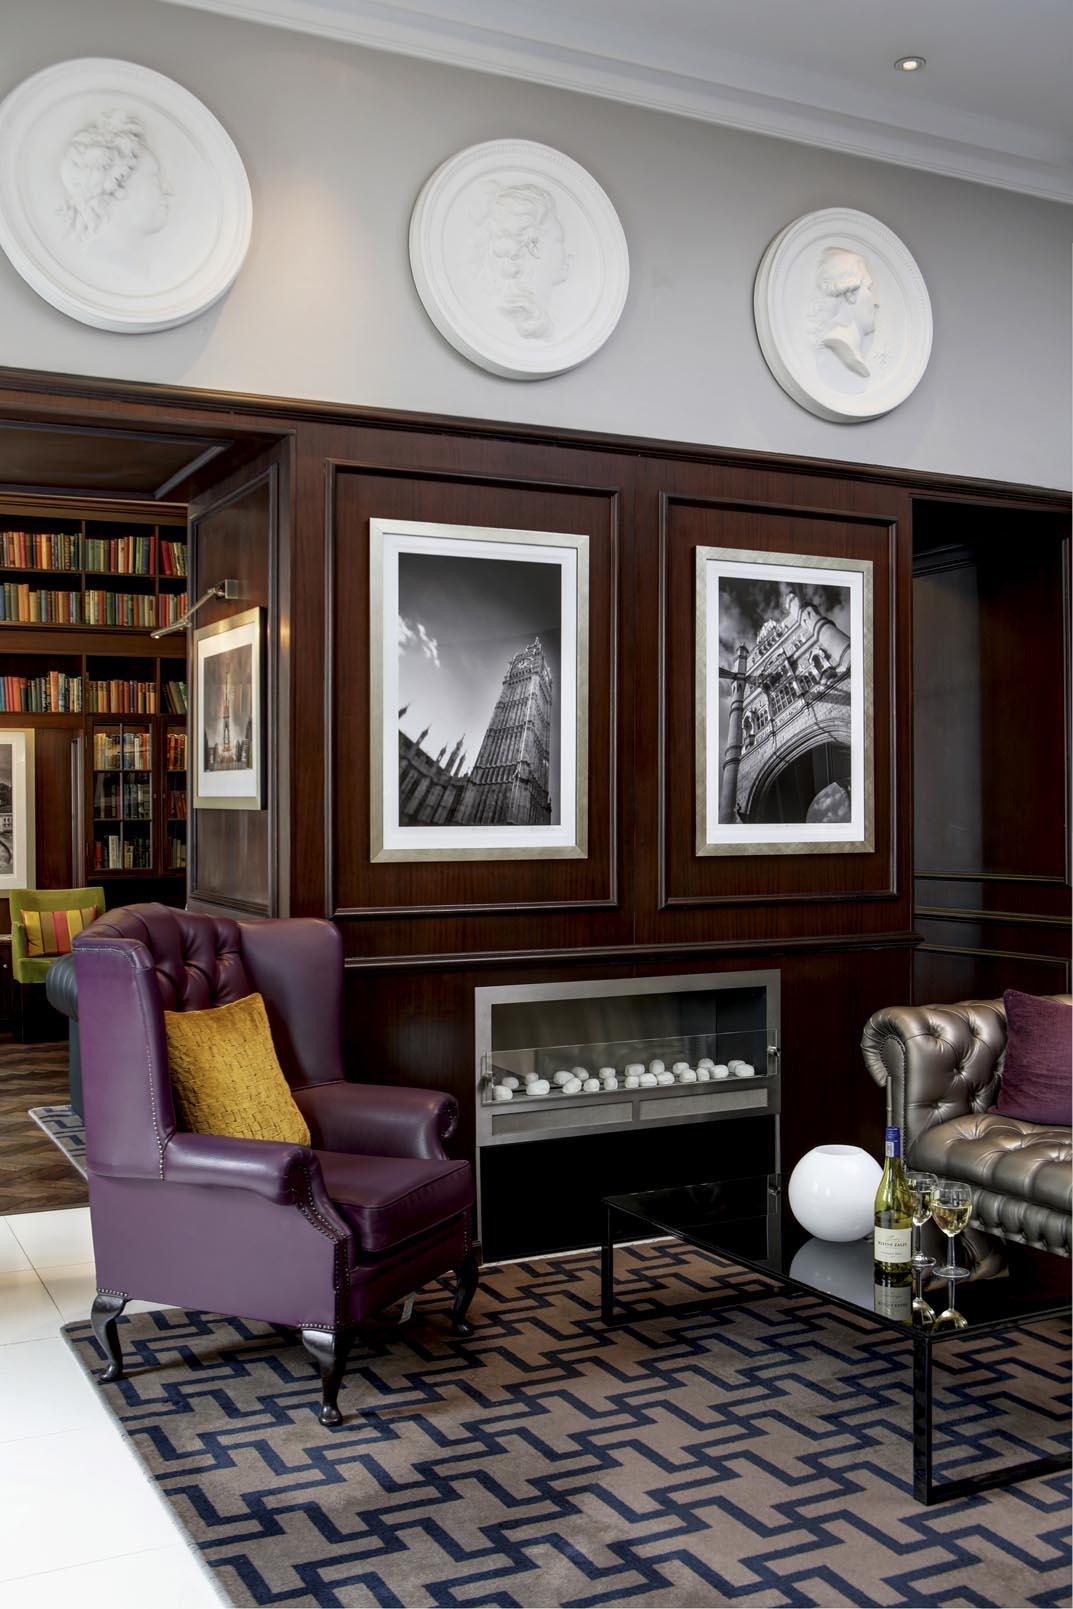 Best Western Hotel Room: Best Western Mornington Hotel London Hyde Park